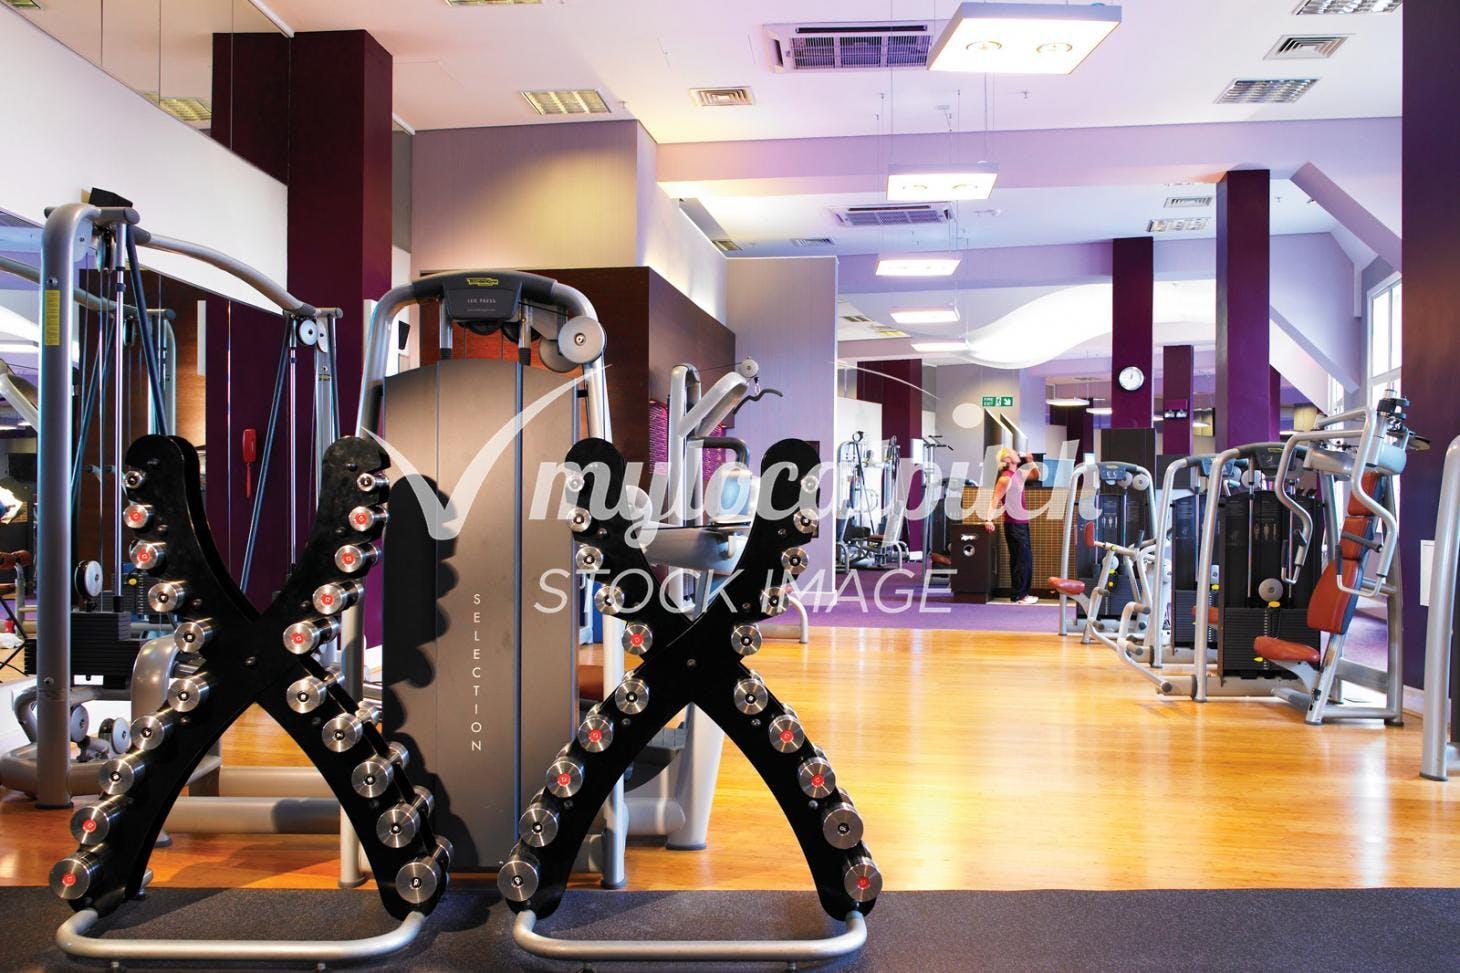 Venue 360 Gym gym